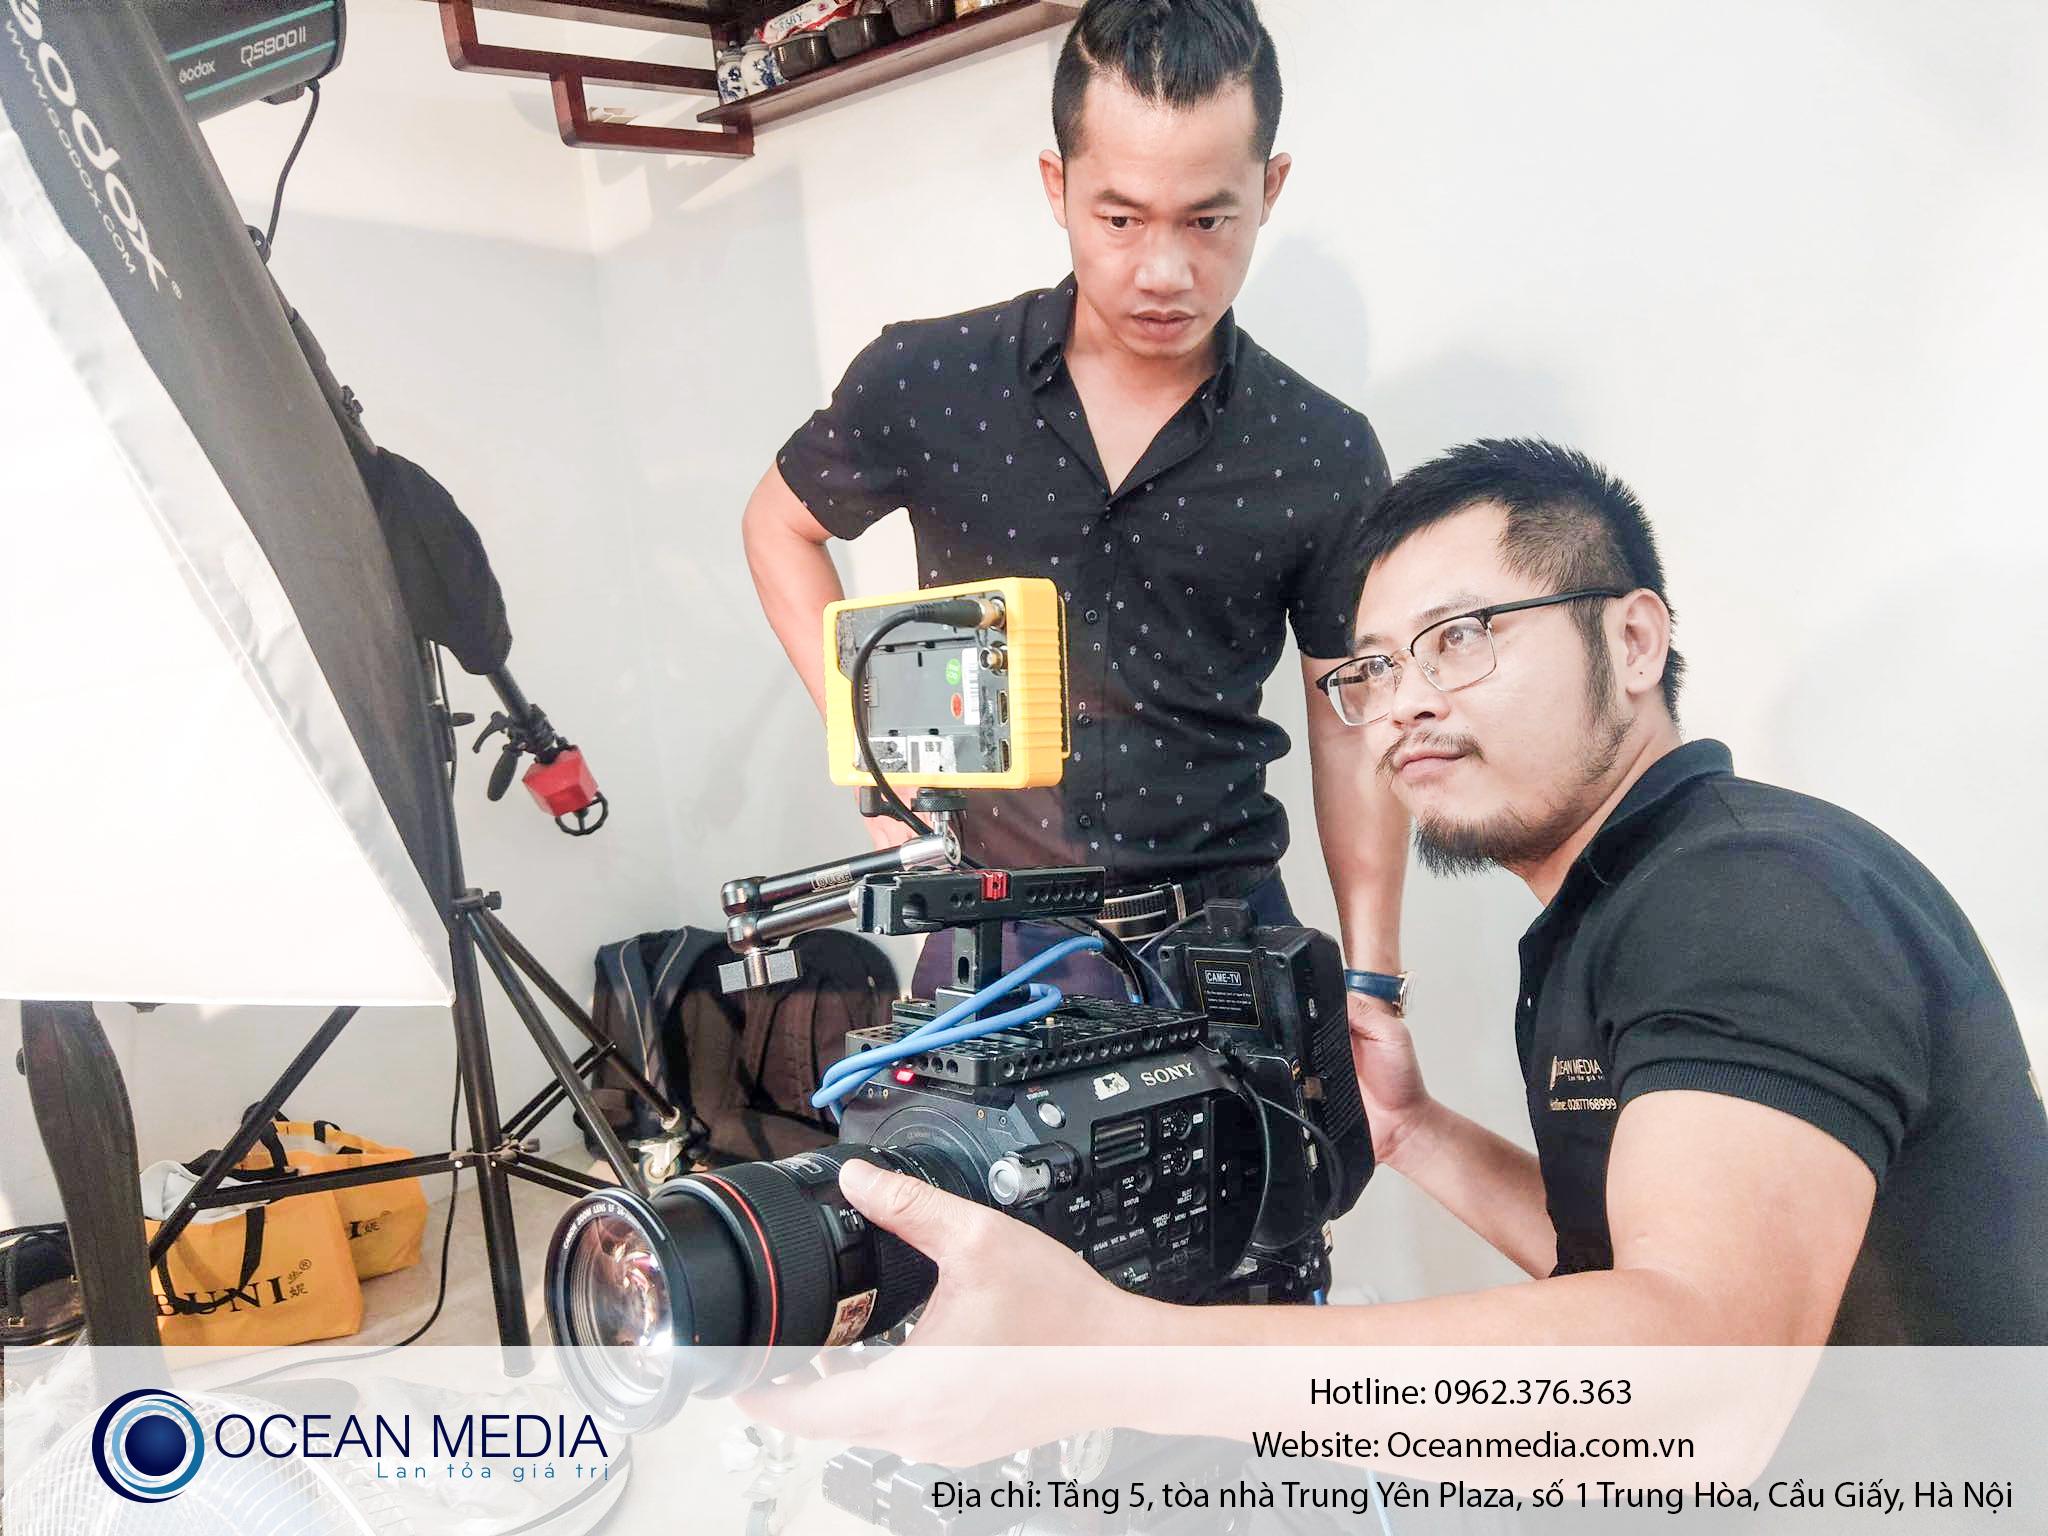 Công ty truyền thông Ocean cung cấp các loại hình Video marketing